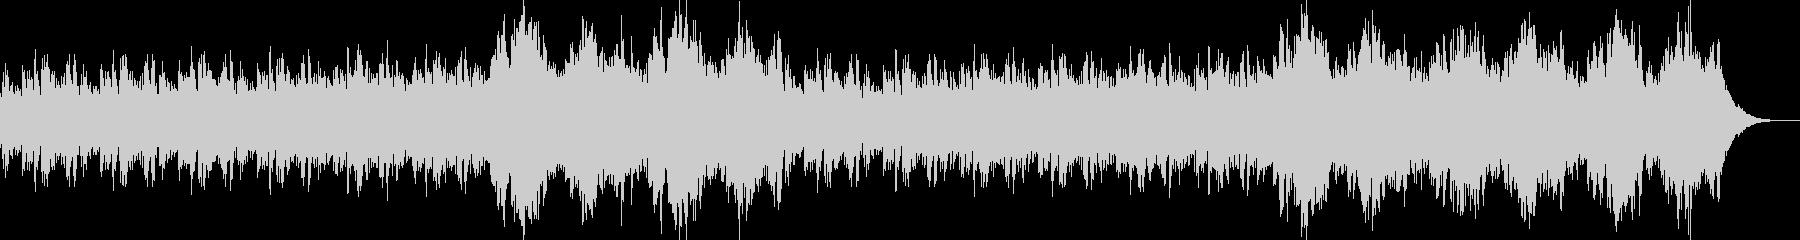 ピアノ、環境音楽ヒーリング-08の未再生の波形